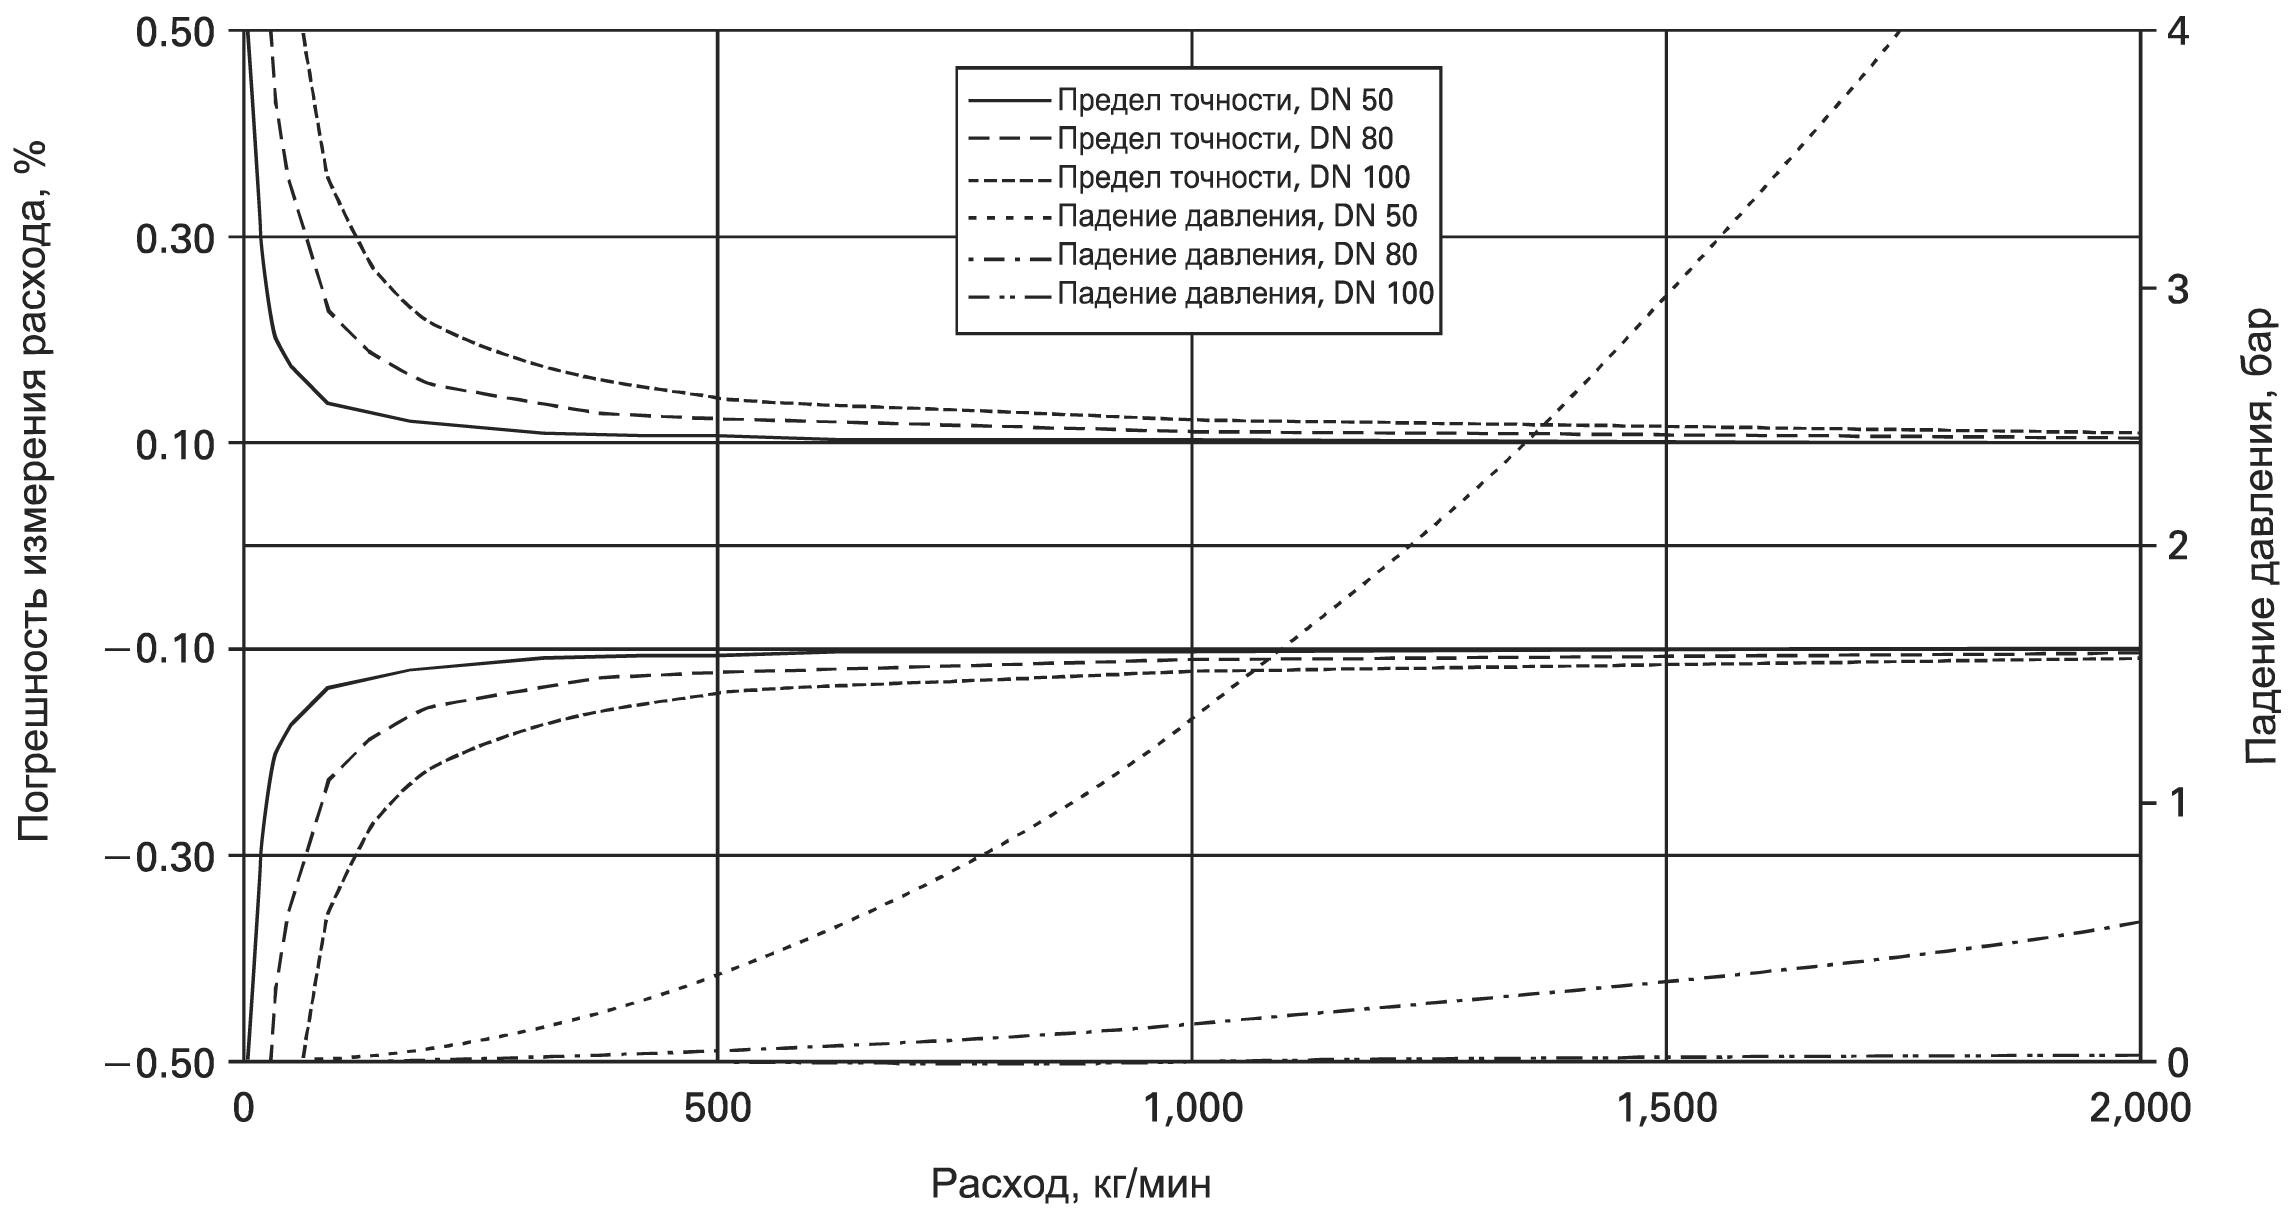 Предельная погрешность кориолисовых расходомеров при больших расходах